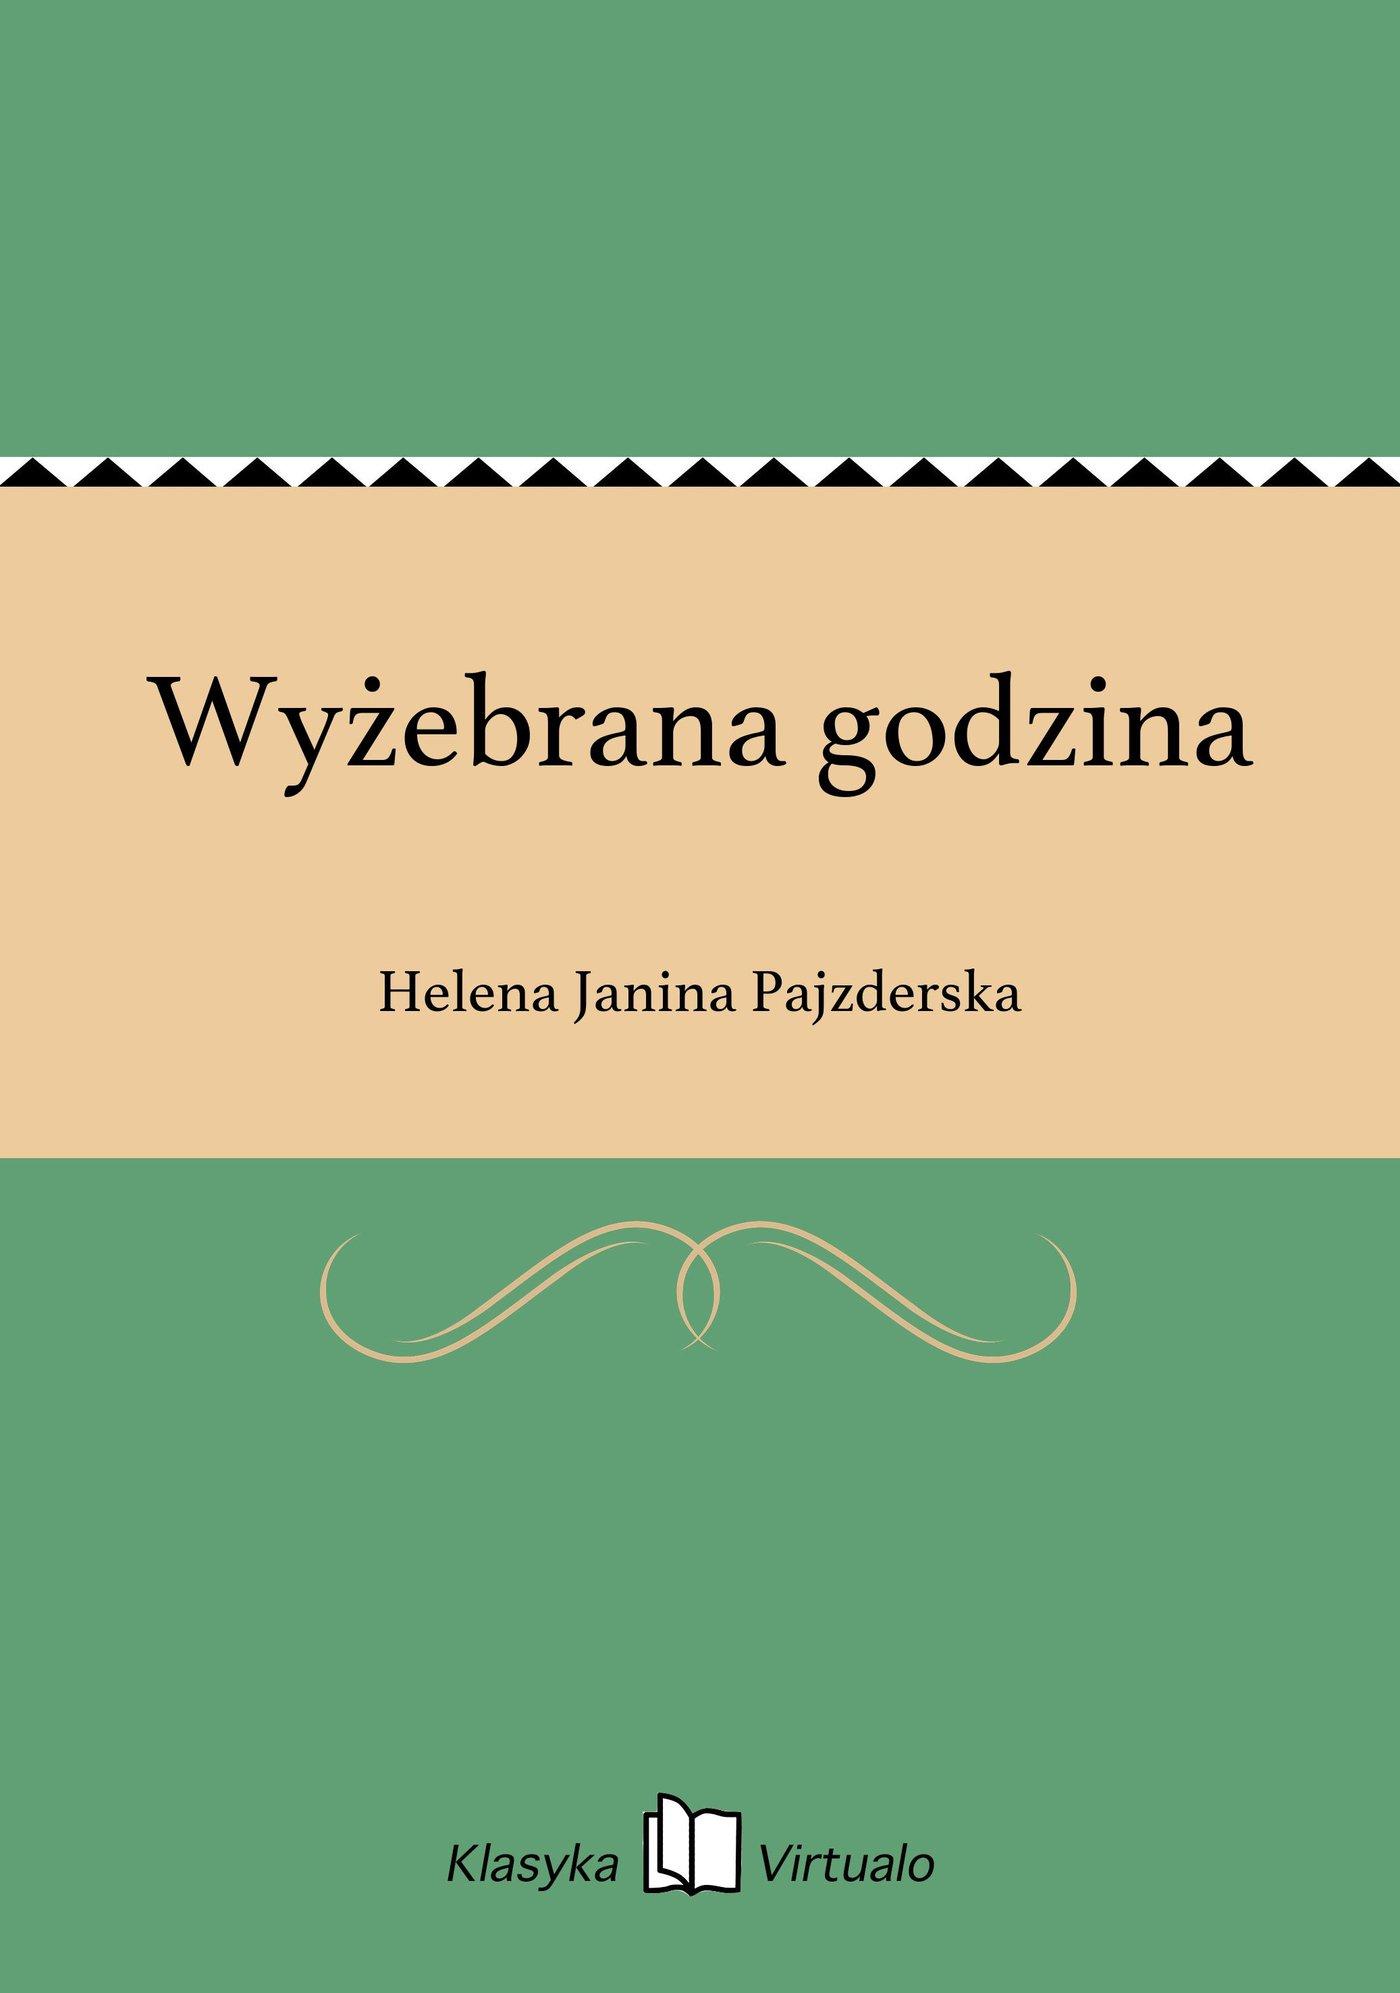 Wyżebrana godzina - Ebook (Książka EPUB) do pobrania w formacie EPUB